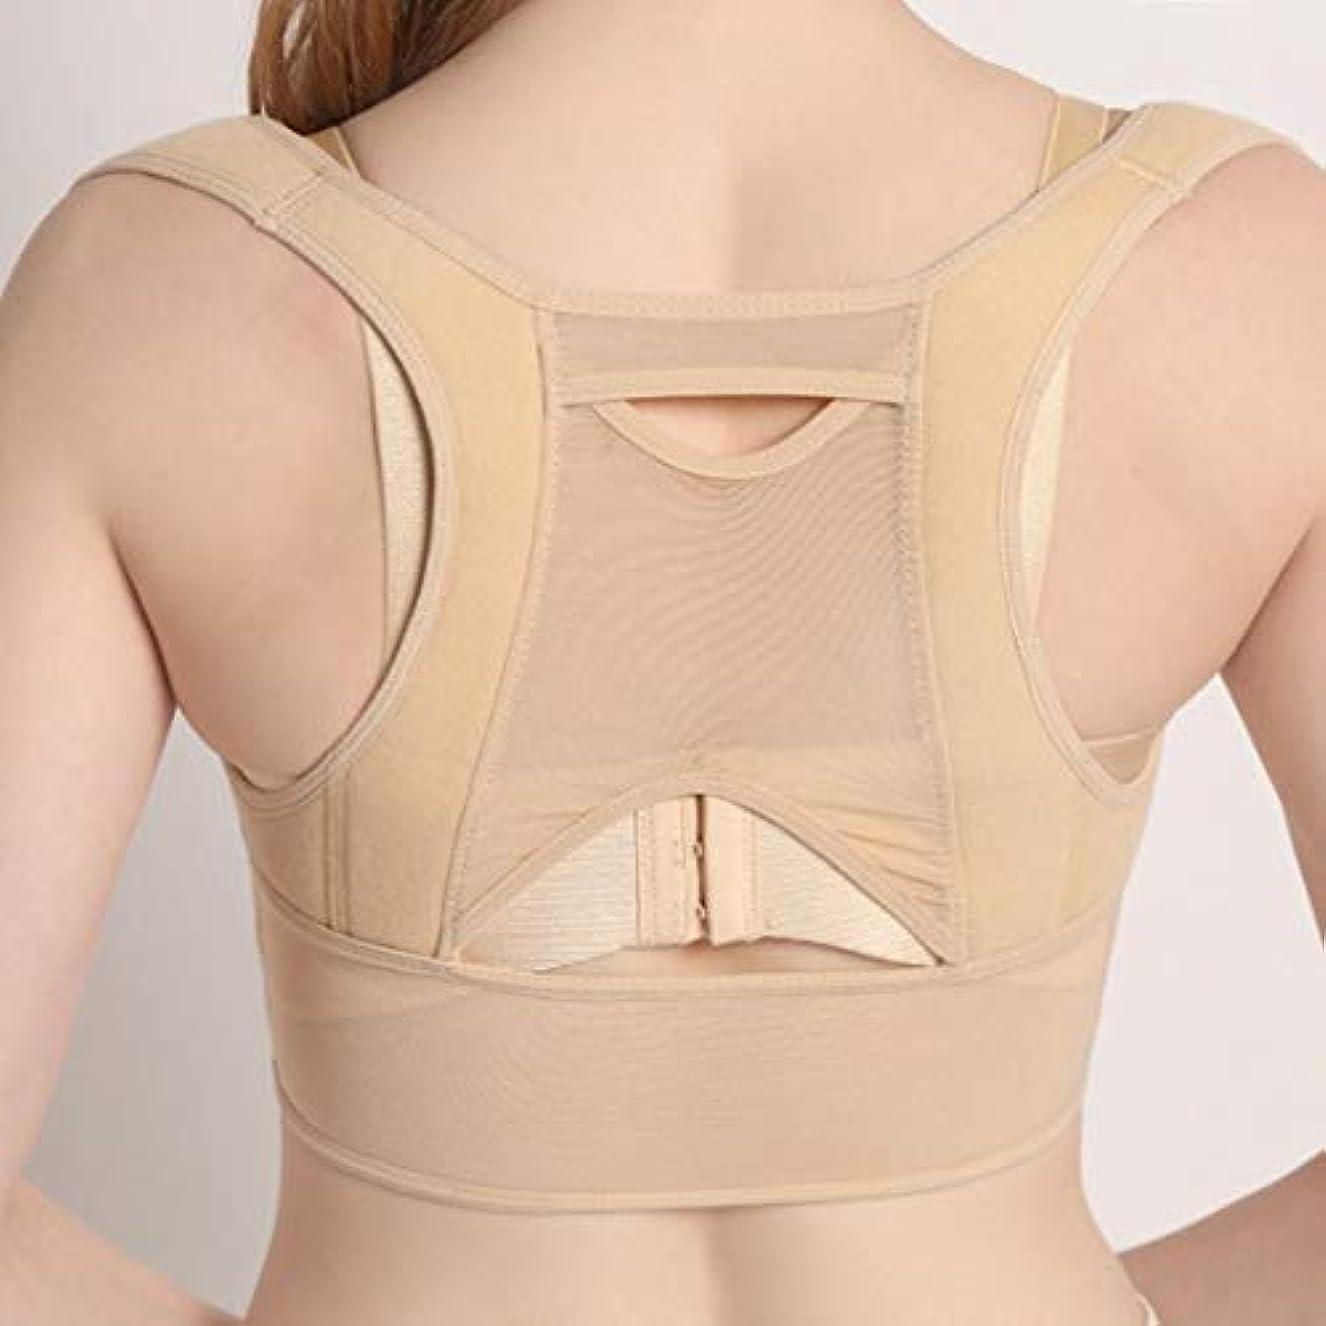 長いですクレアキロメートル通気性のある女性の背中の姿勢矯正コルセット整形外科の肩の背骨の背骨の姿勢矯正腰椎サポート (Rustle666)